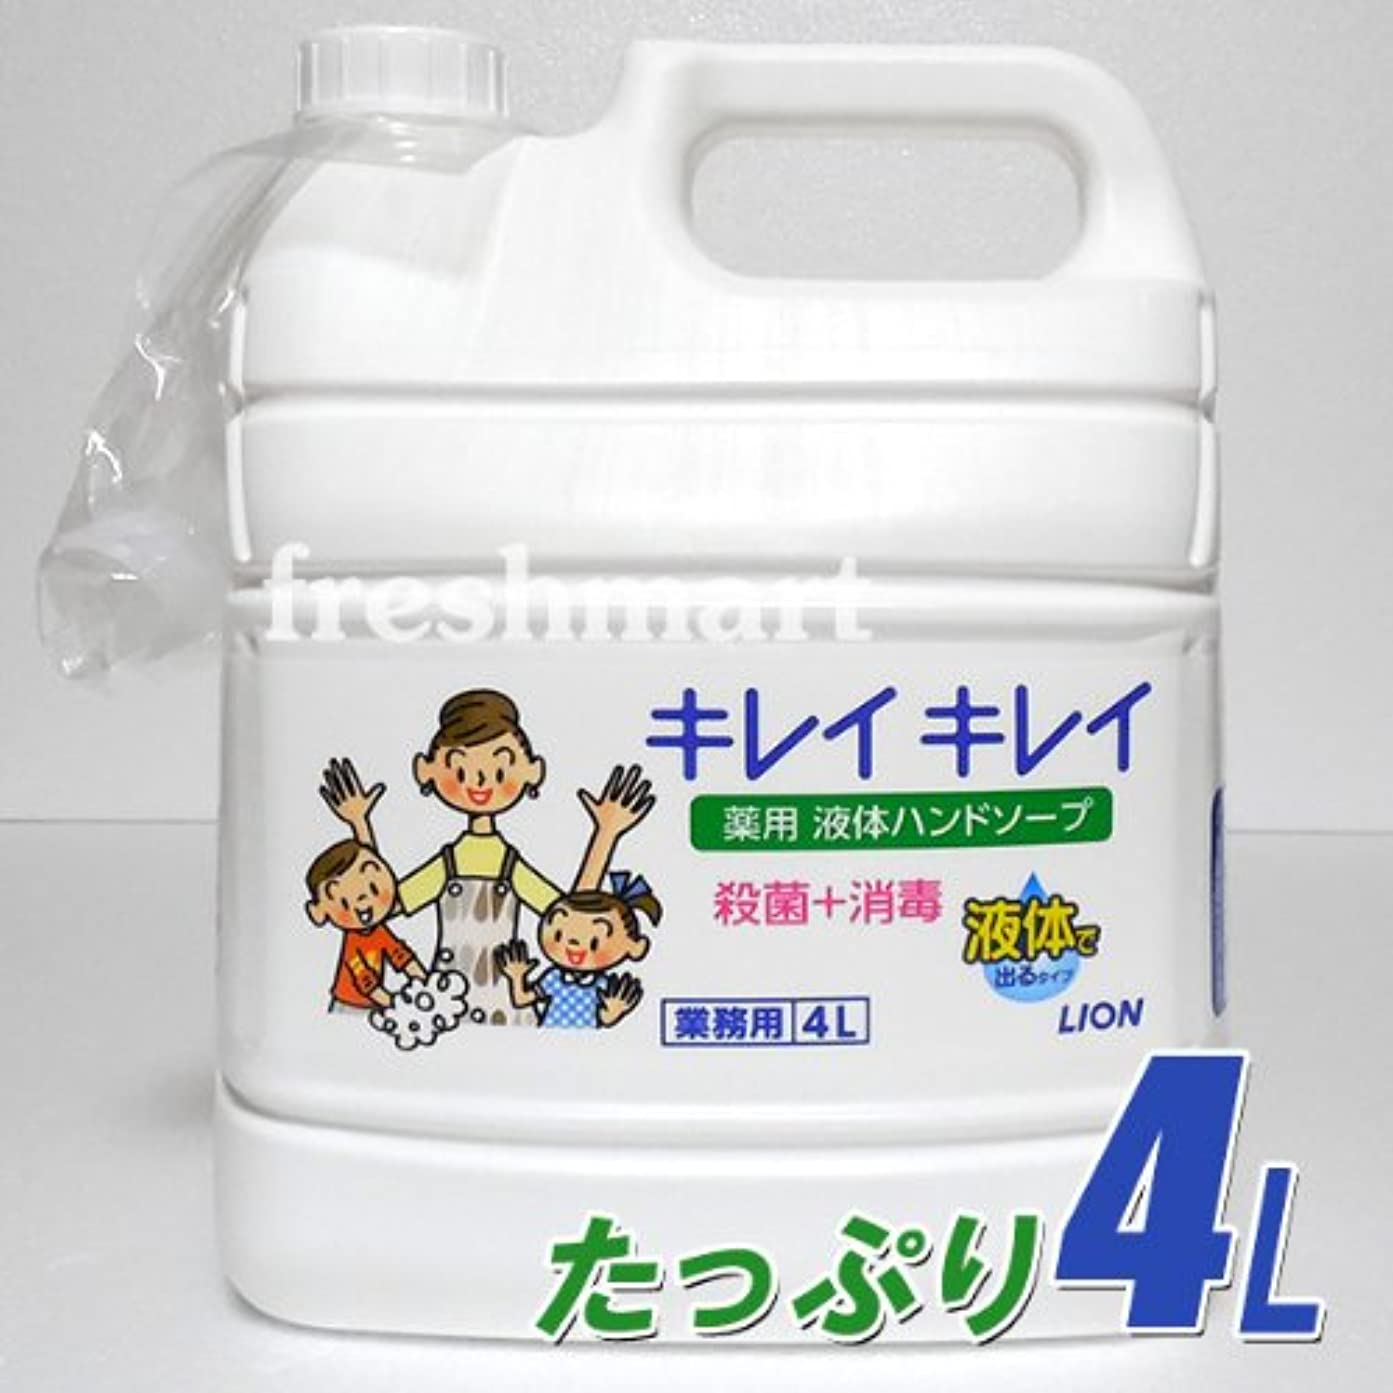 雑草その後大工☆100%植物性洗浄成分使用☆ ライオン キレイキレイ 薬用液体ハンドソープ つめかえ用4L 業務用 大容量 ボトル